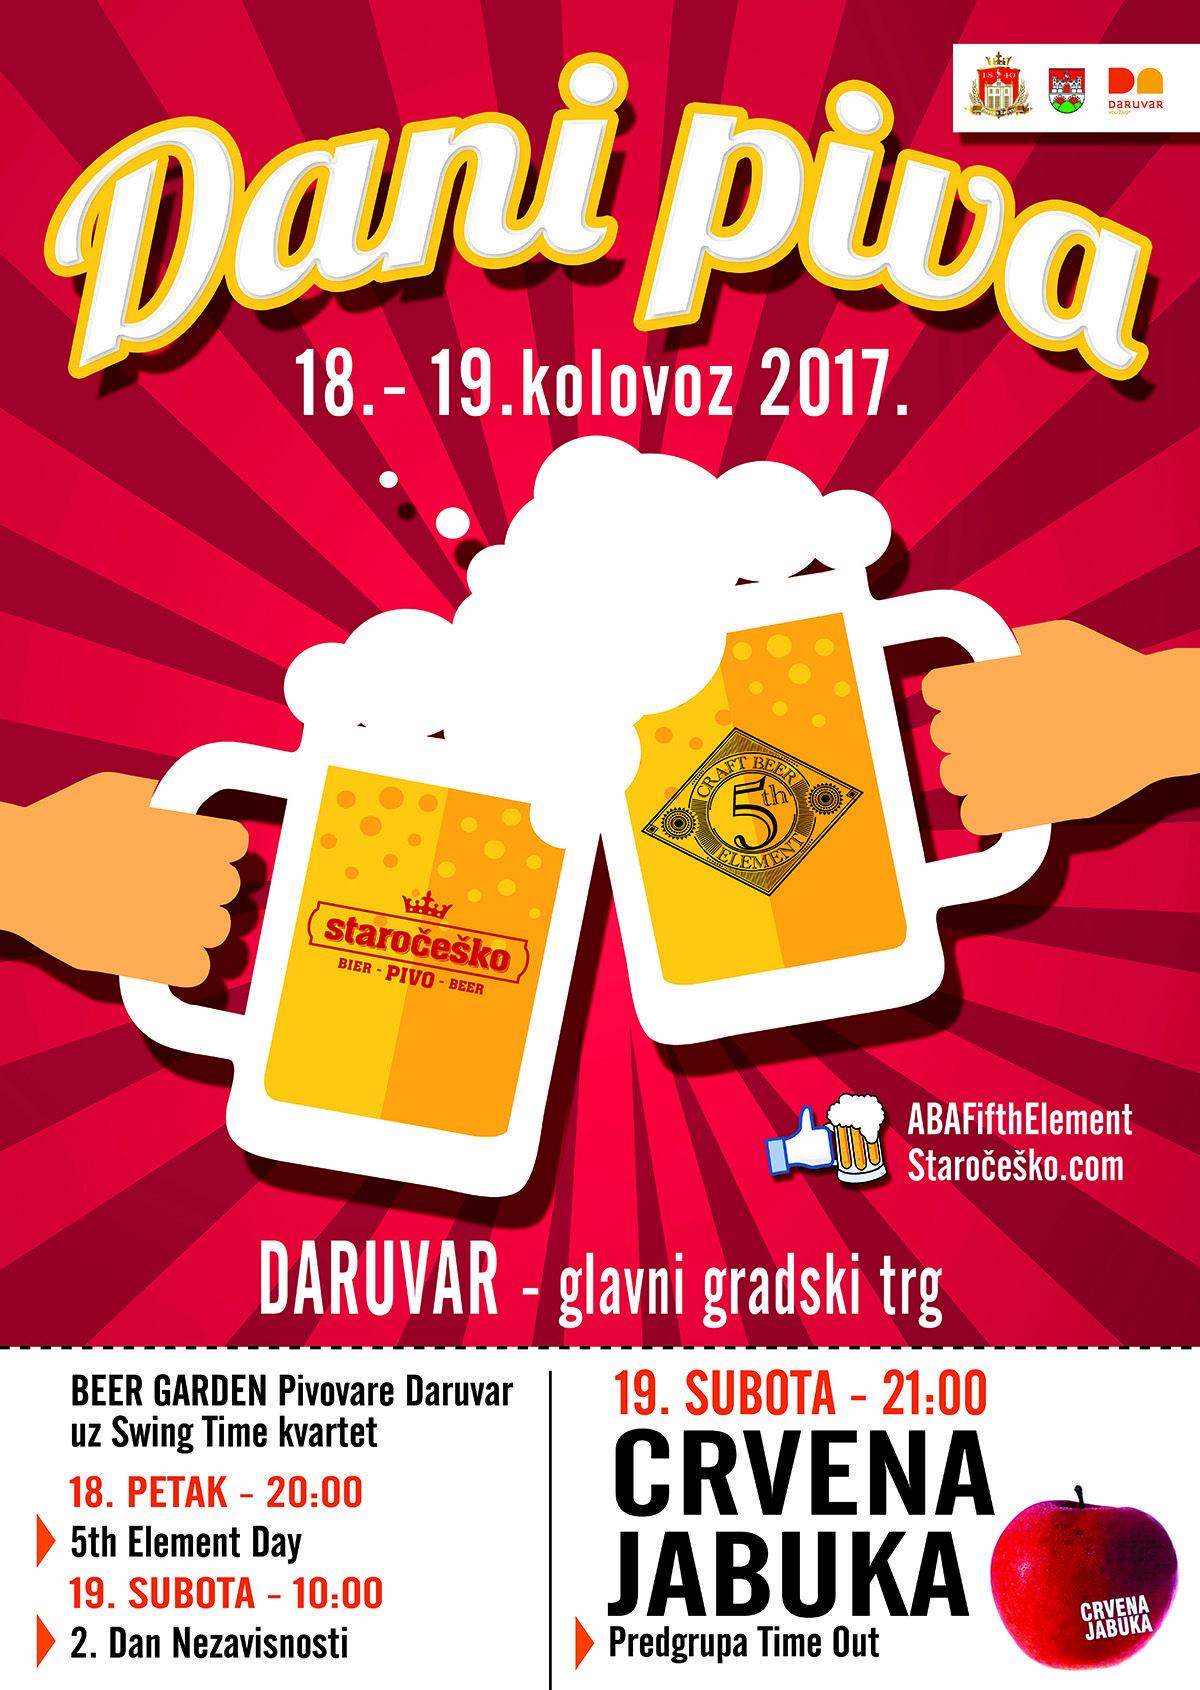 DARUVAR - Dani piva i brojne druge manifestacije